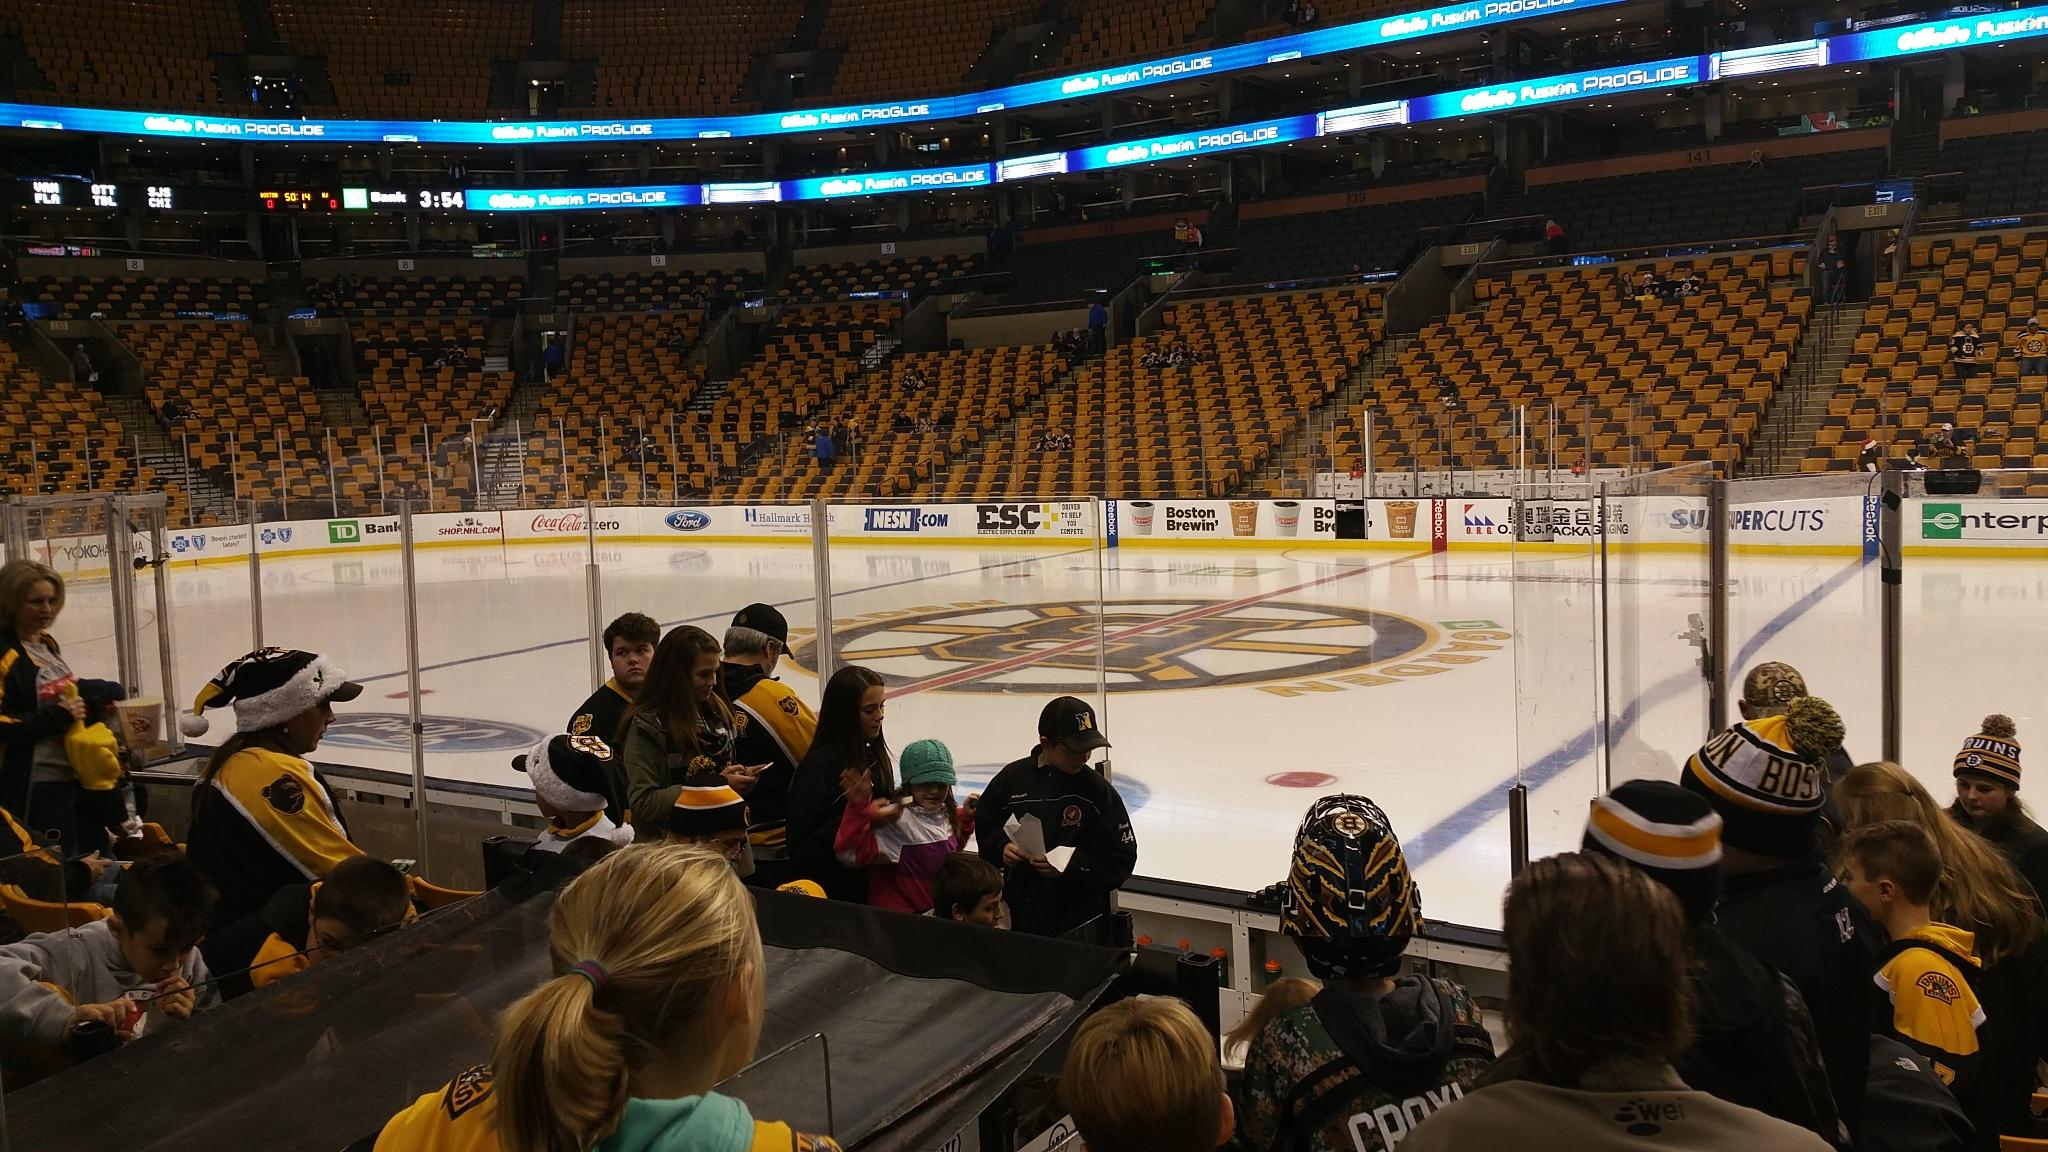 TD Garden Loge 22 - Boston Bruins - RateYourSeats.com